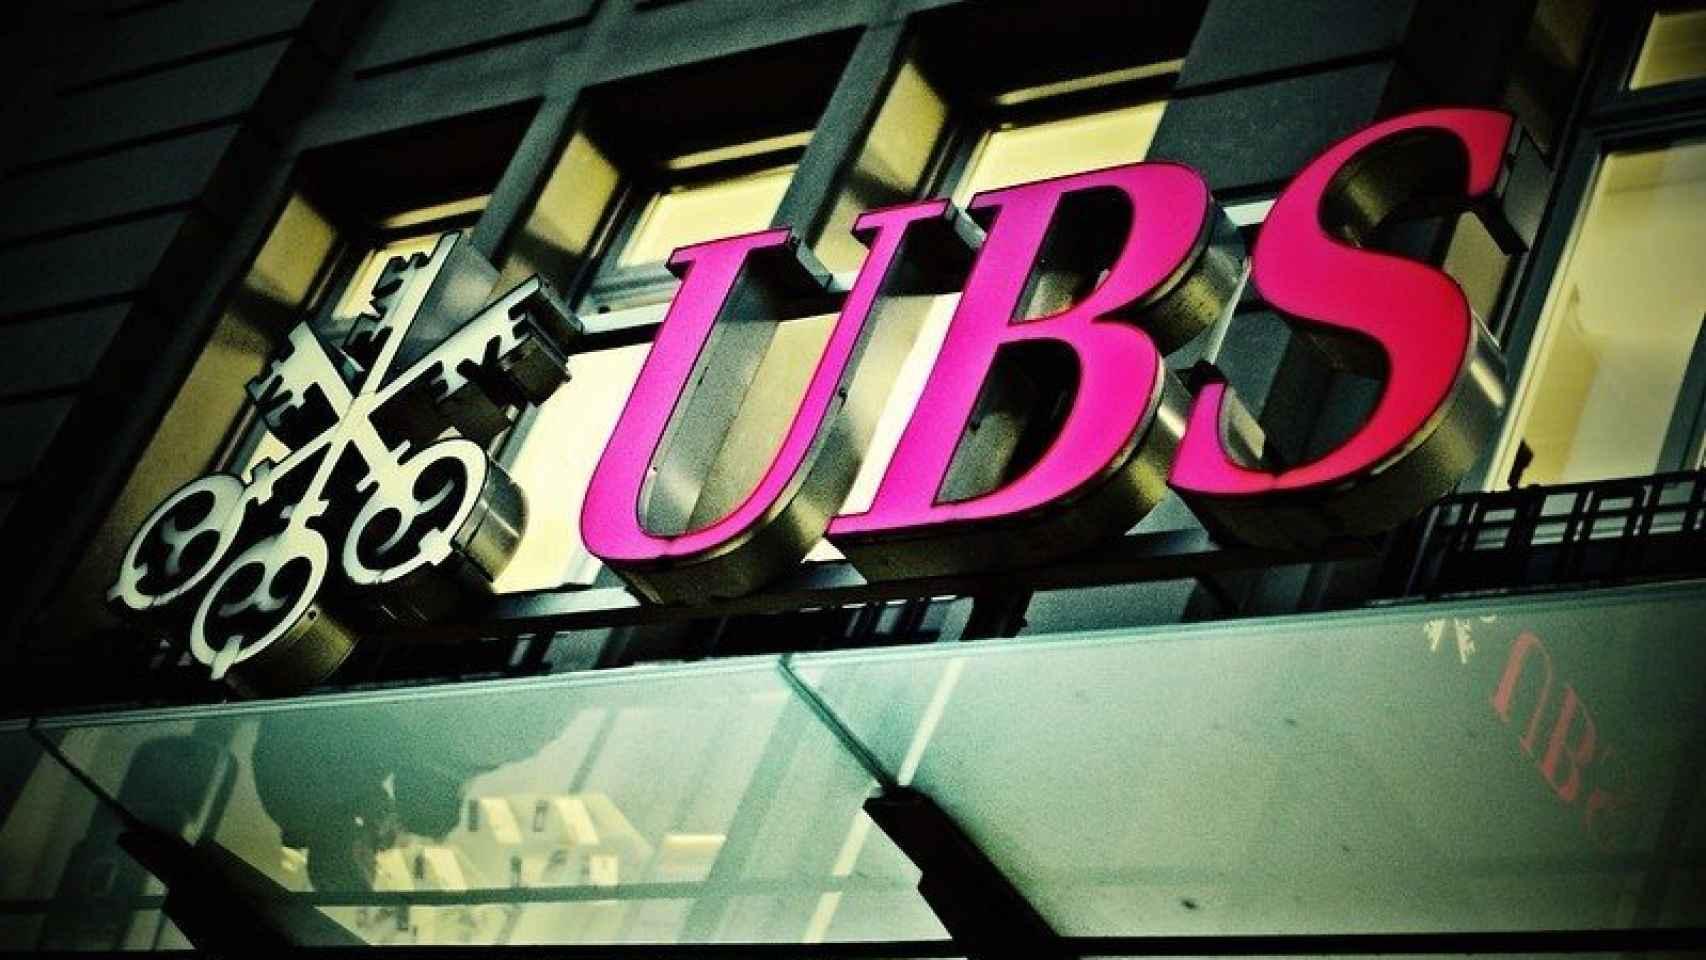 Logo de la entidad suiza UBS.